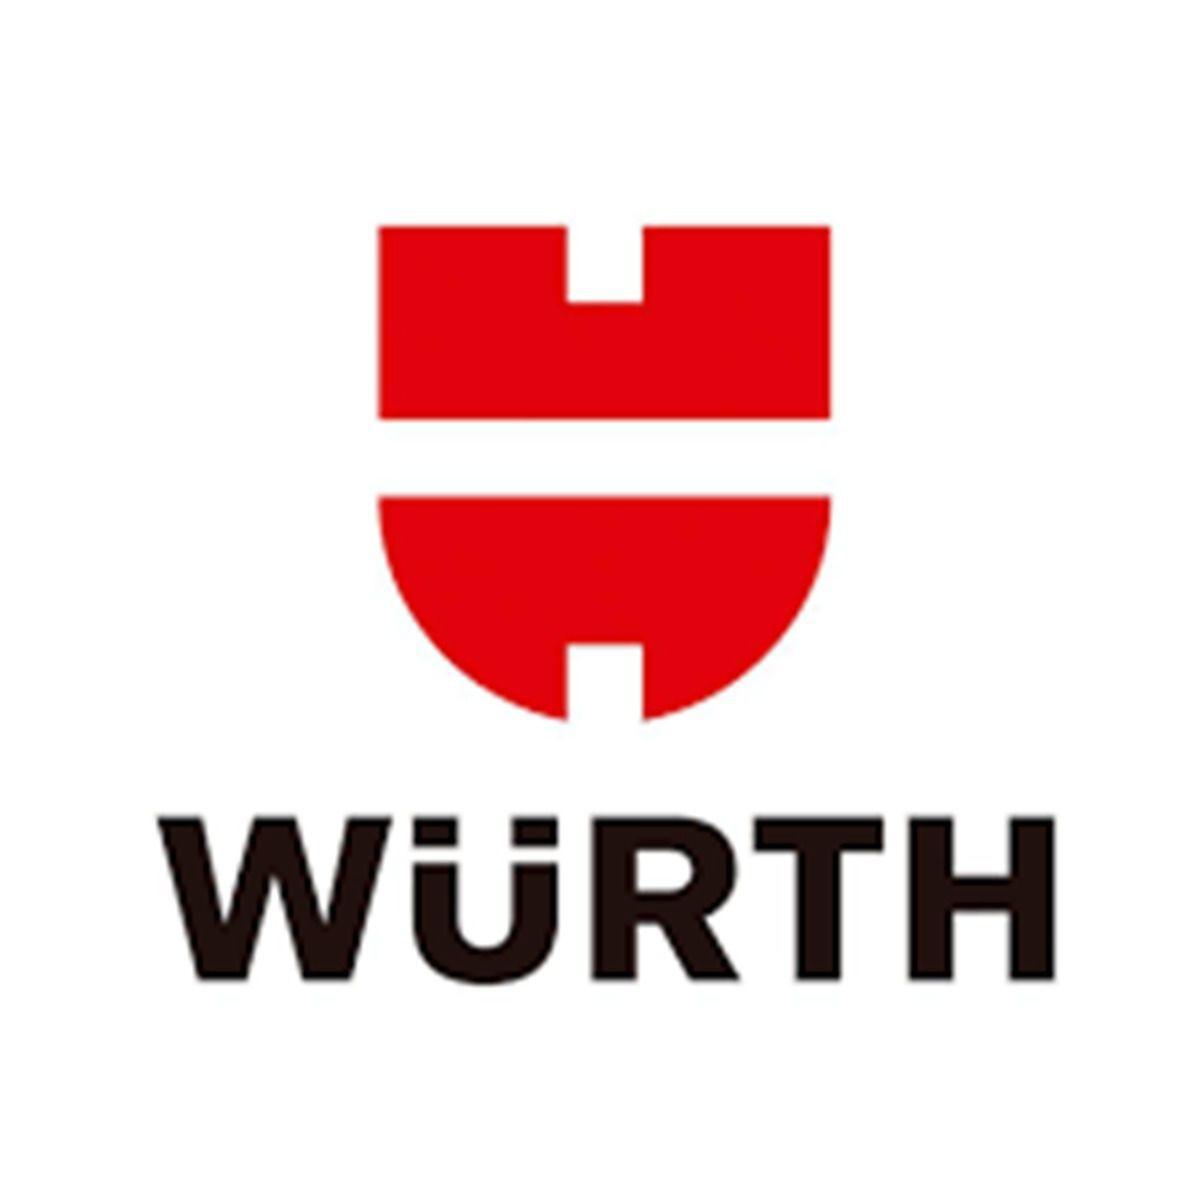 Conector RJ45 Wurth